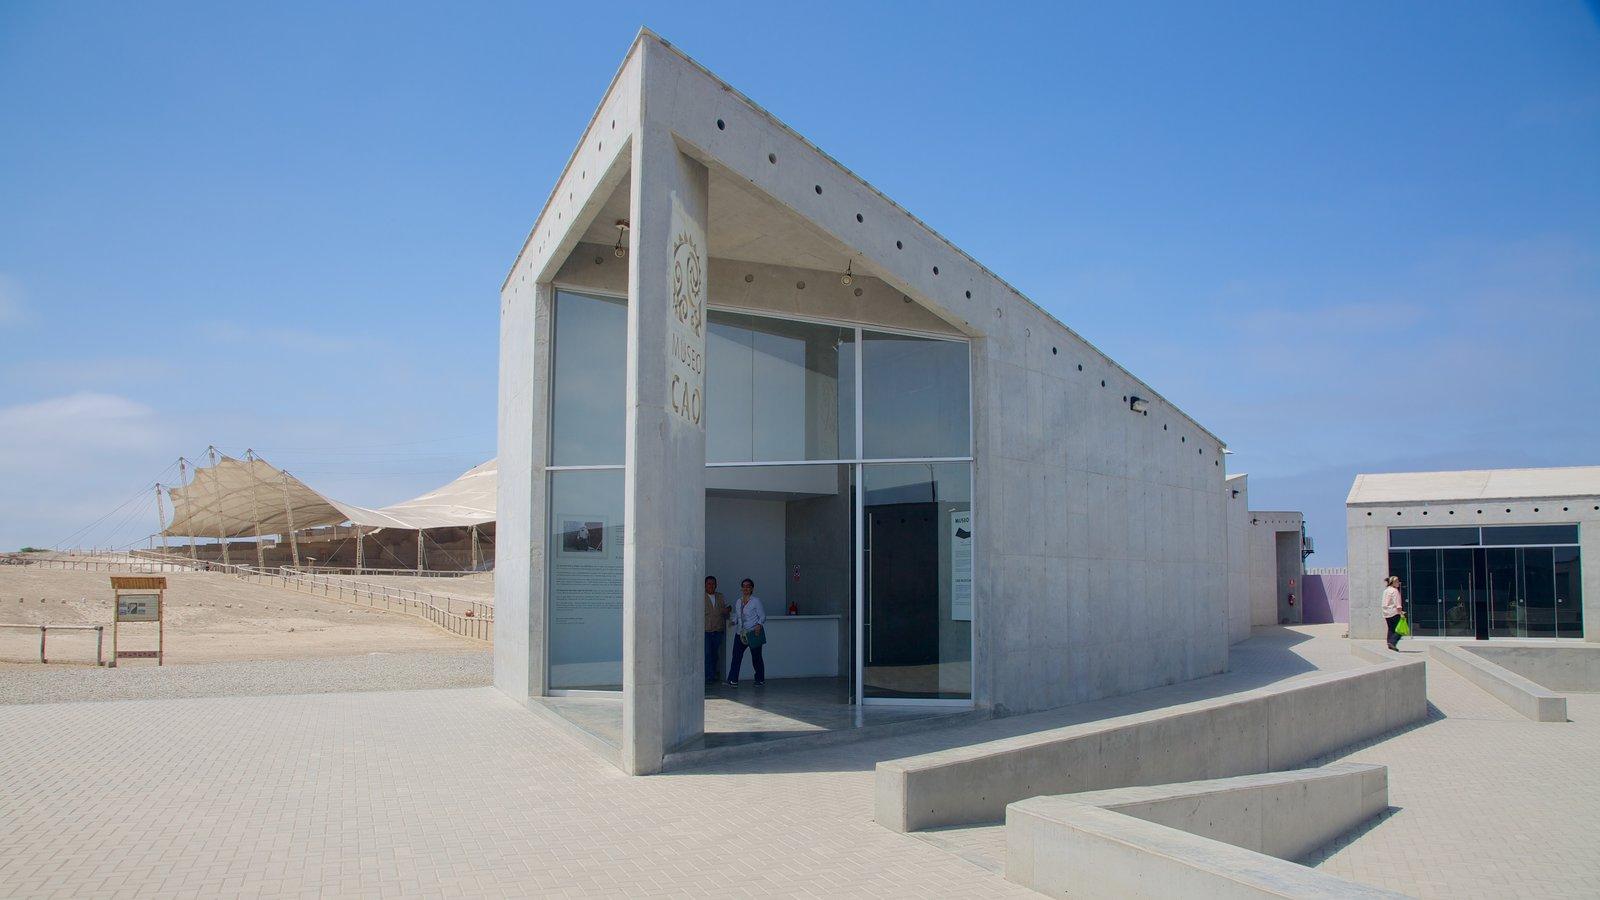 El Brujo which includes modern architecture